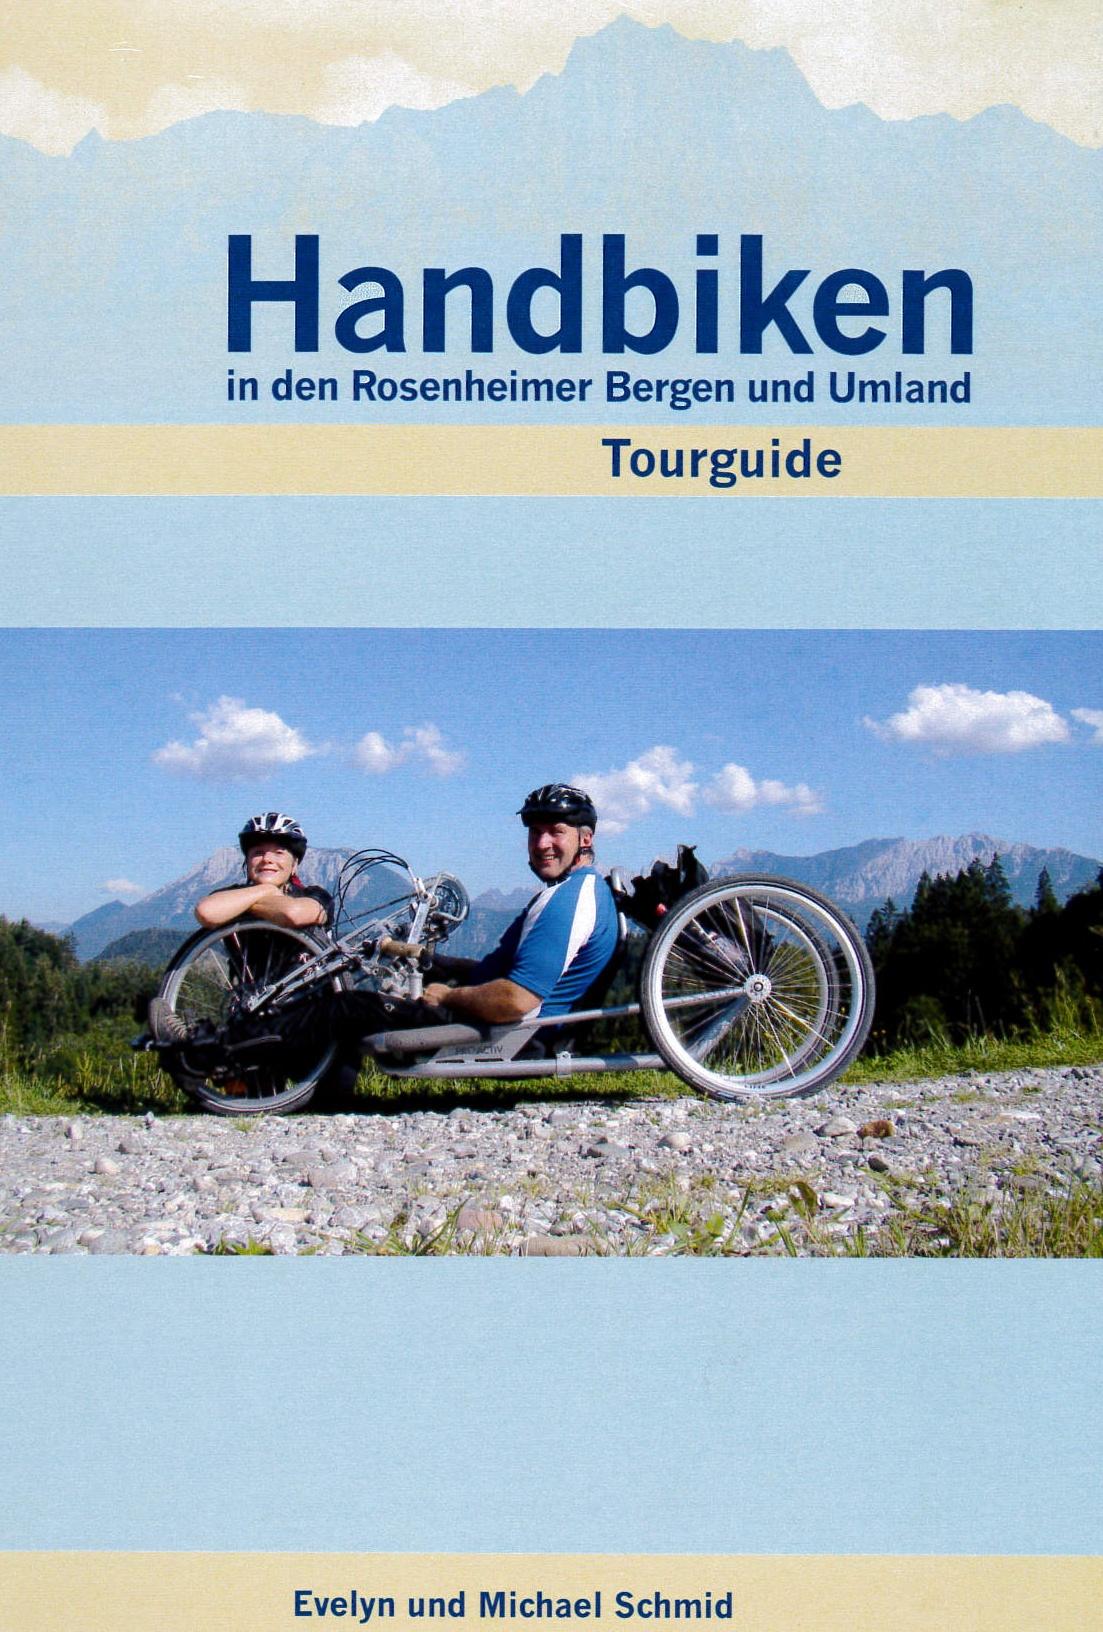 Mit dem Handbike durch das Chiemsee-Alpenland